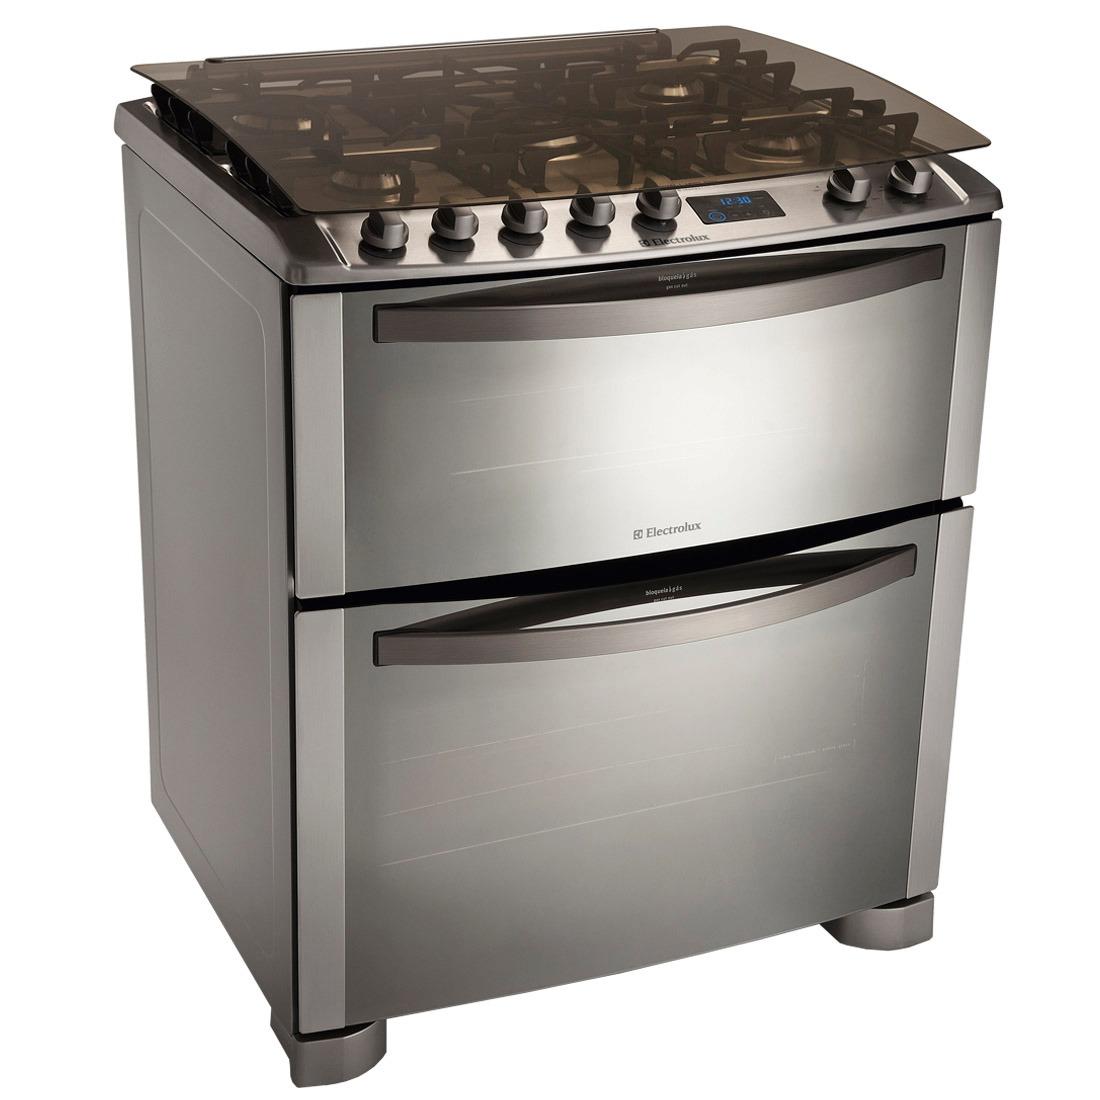 54f34db69 fogão 5 bocas com grill e duplo forno inox 220v- electrolux. Carregando  zoom.